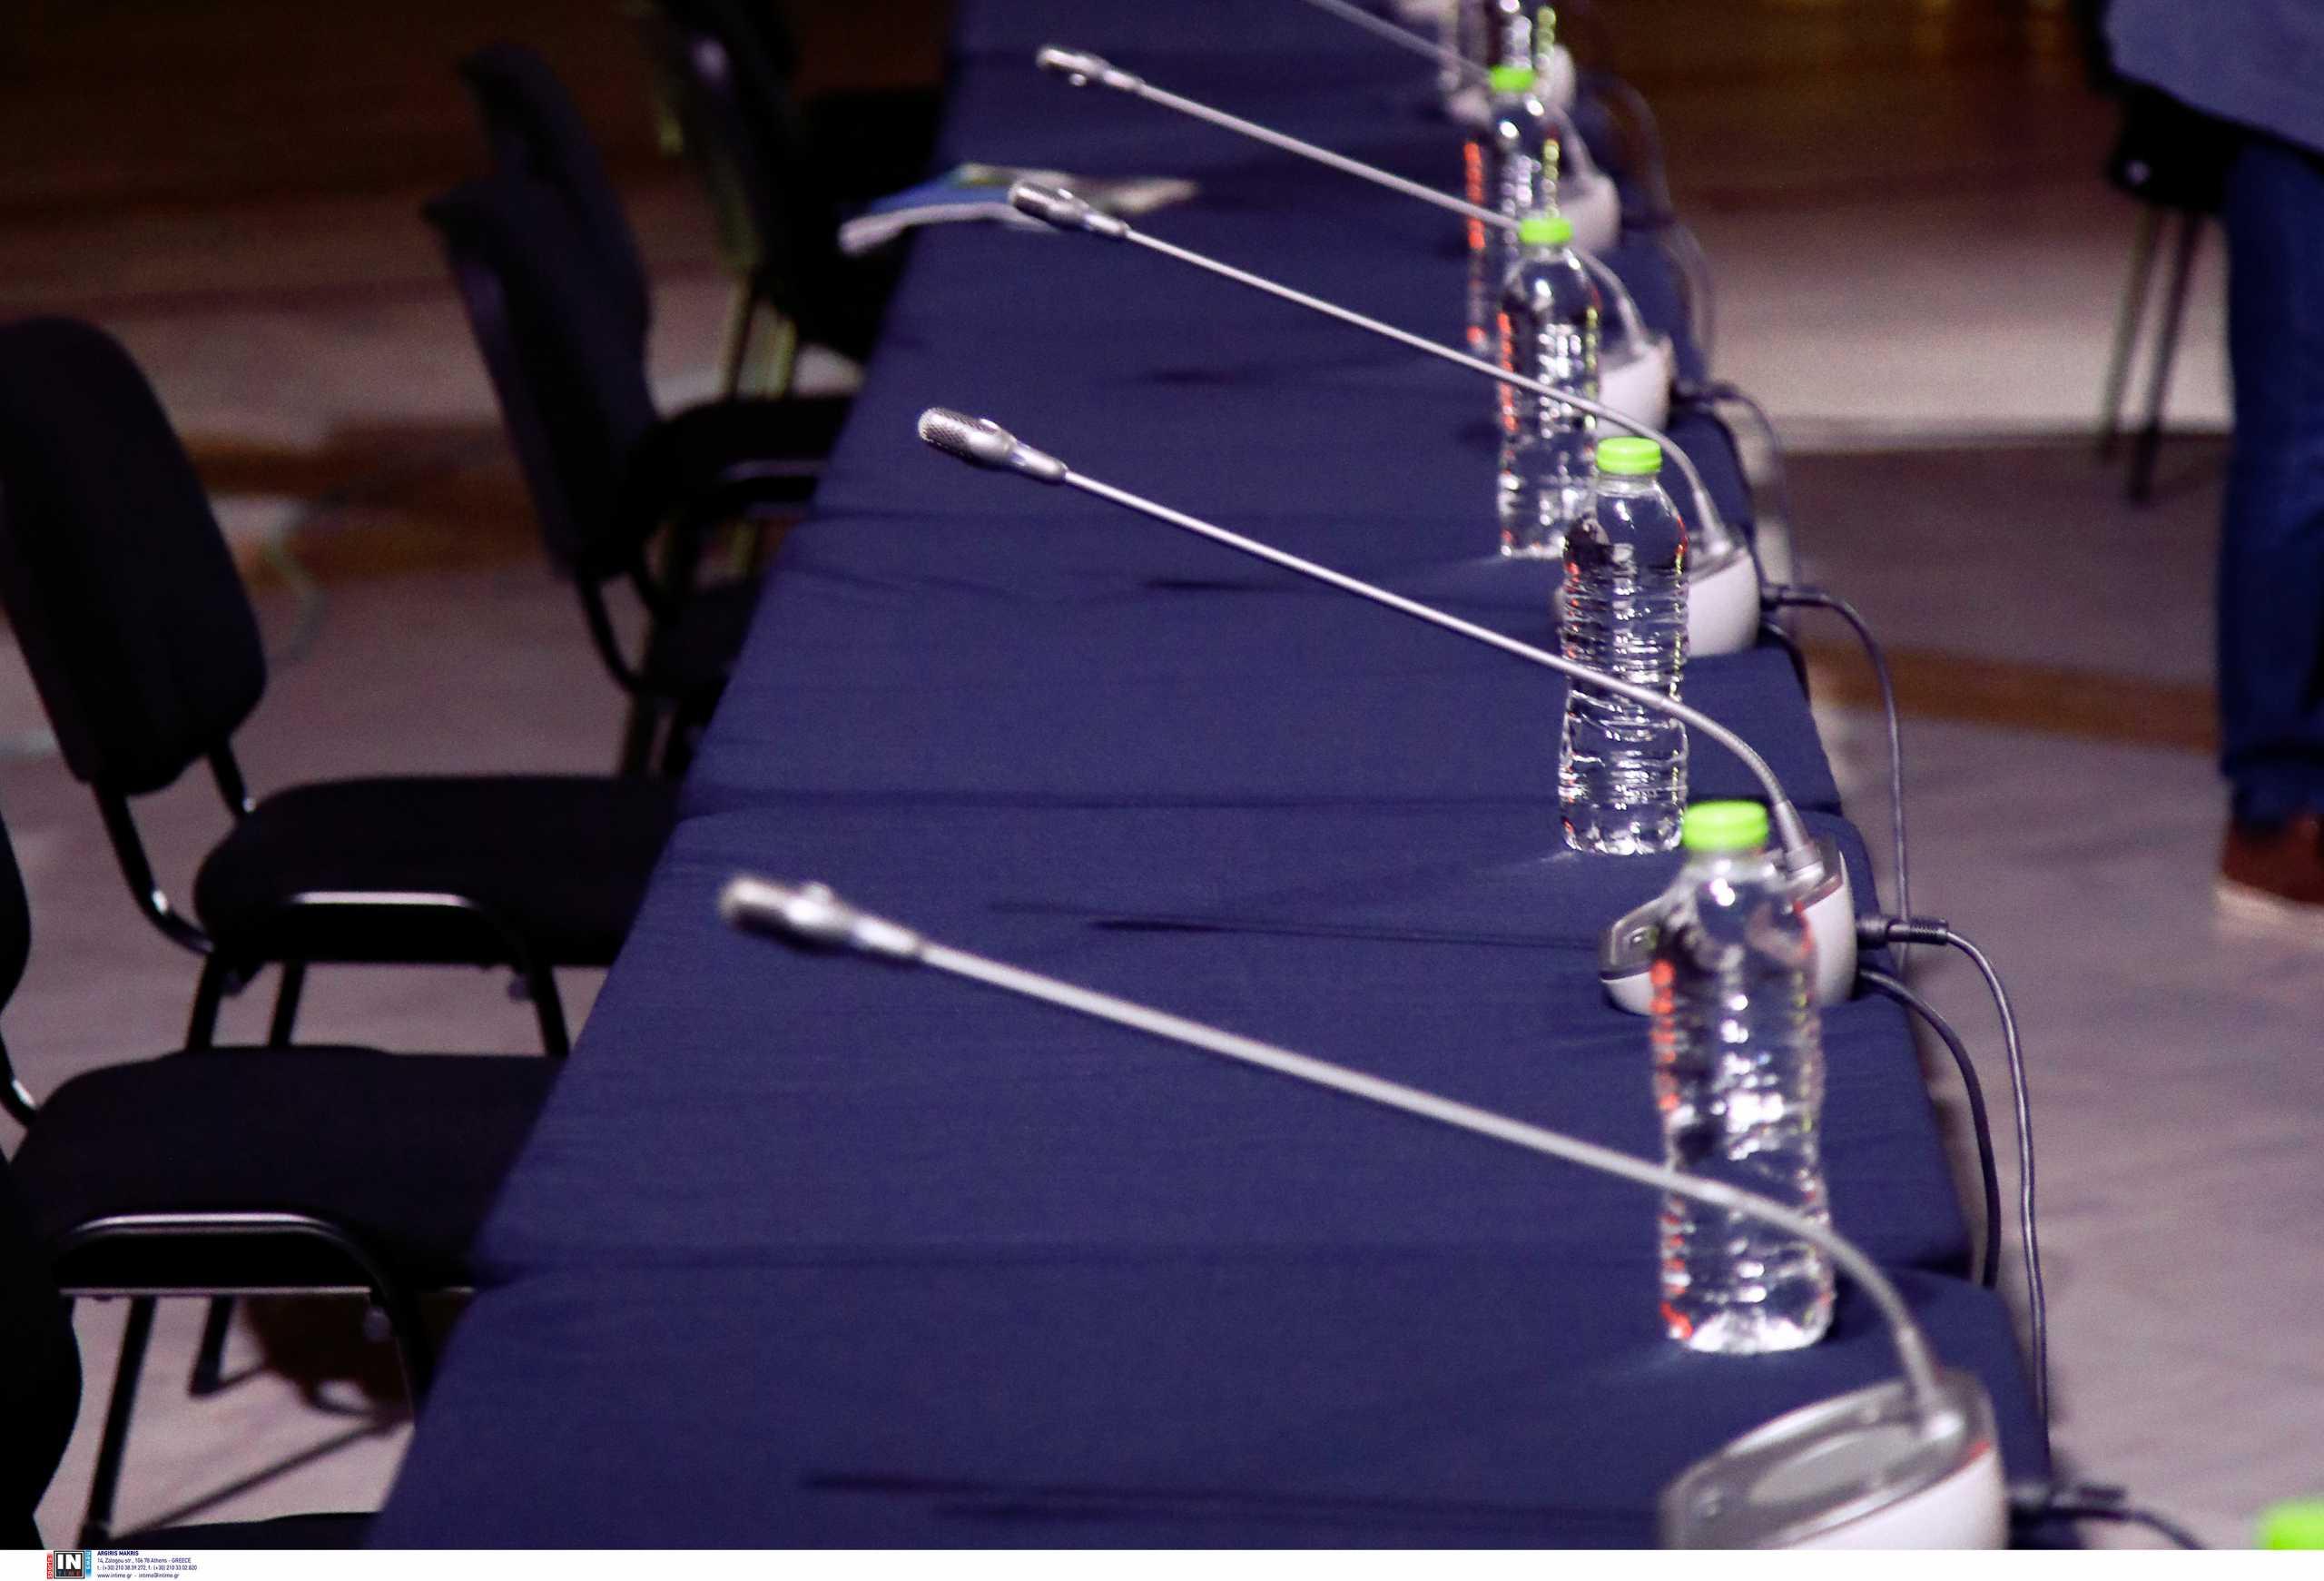 Δημοσκόπηση MRB: Ποιος αρχηγός κέρδισε στη ΔΕΘ – Διψήφια η διαφορά ΝΔ και ΣΥΡΙΖΑ